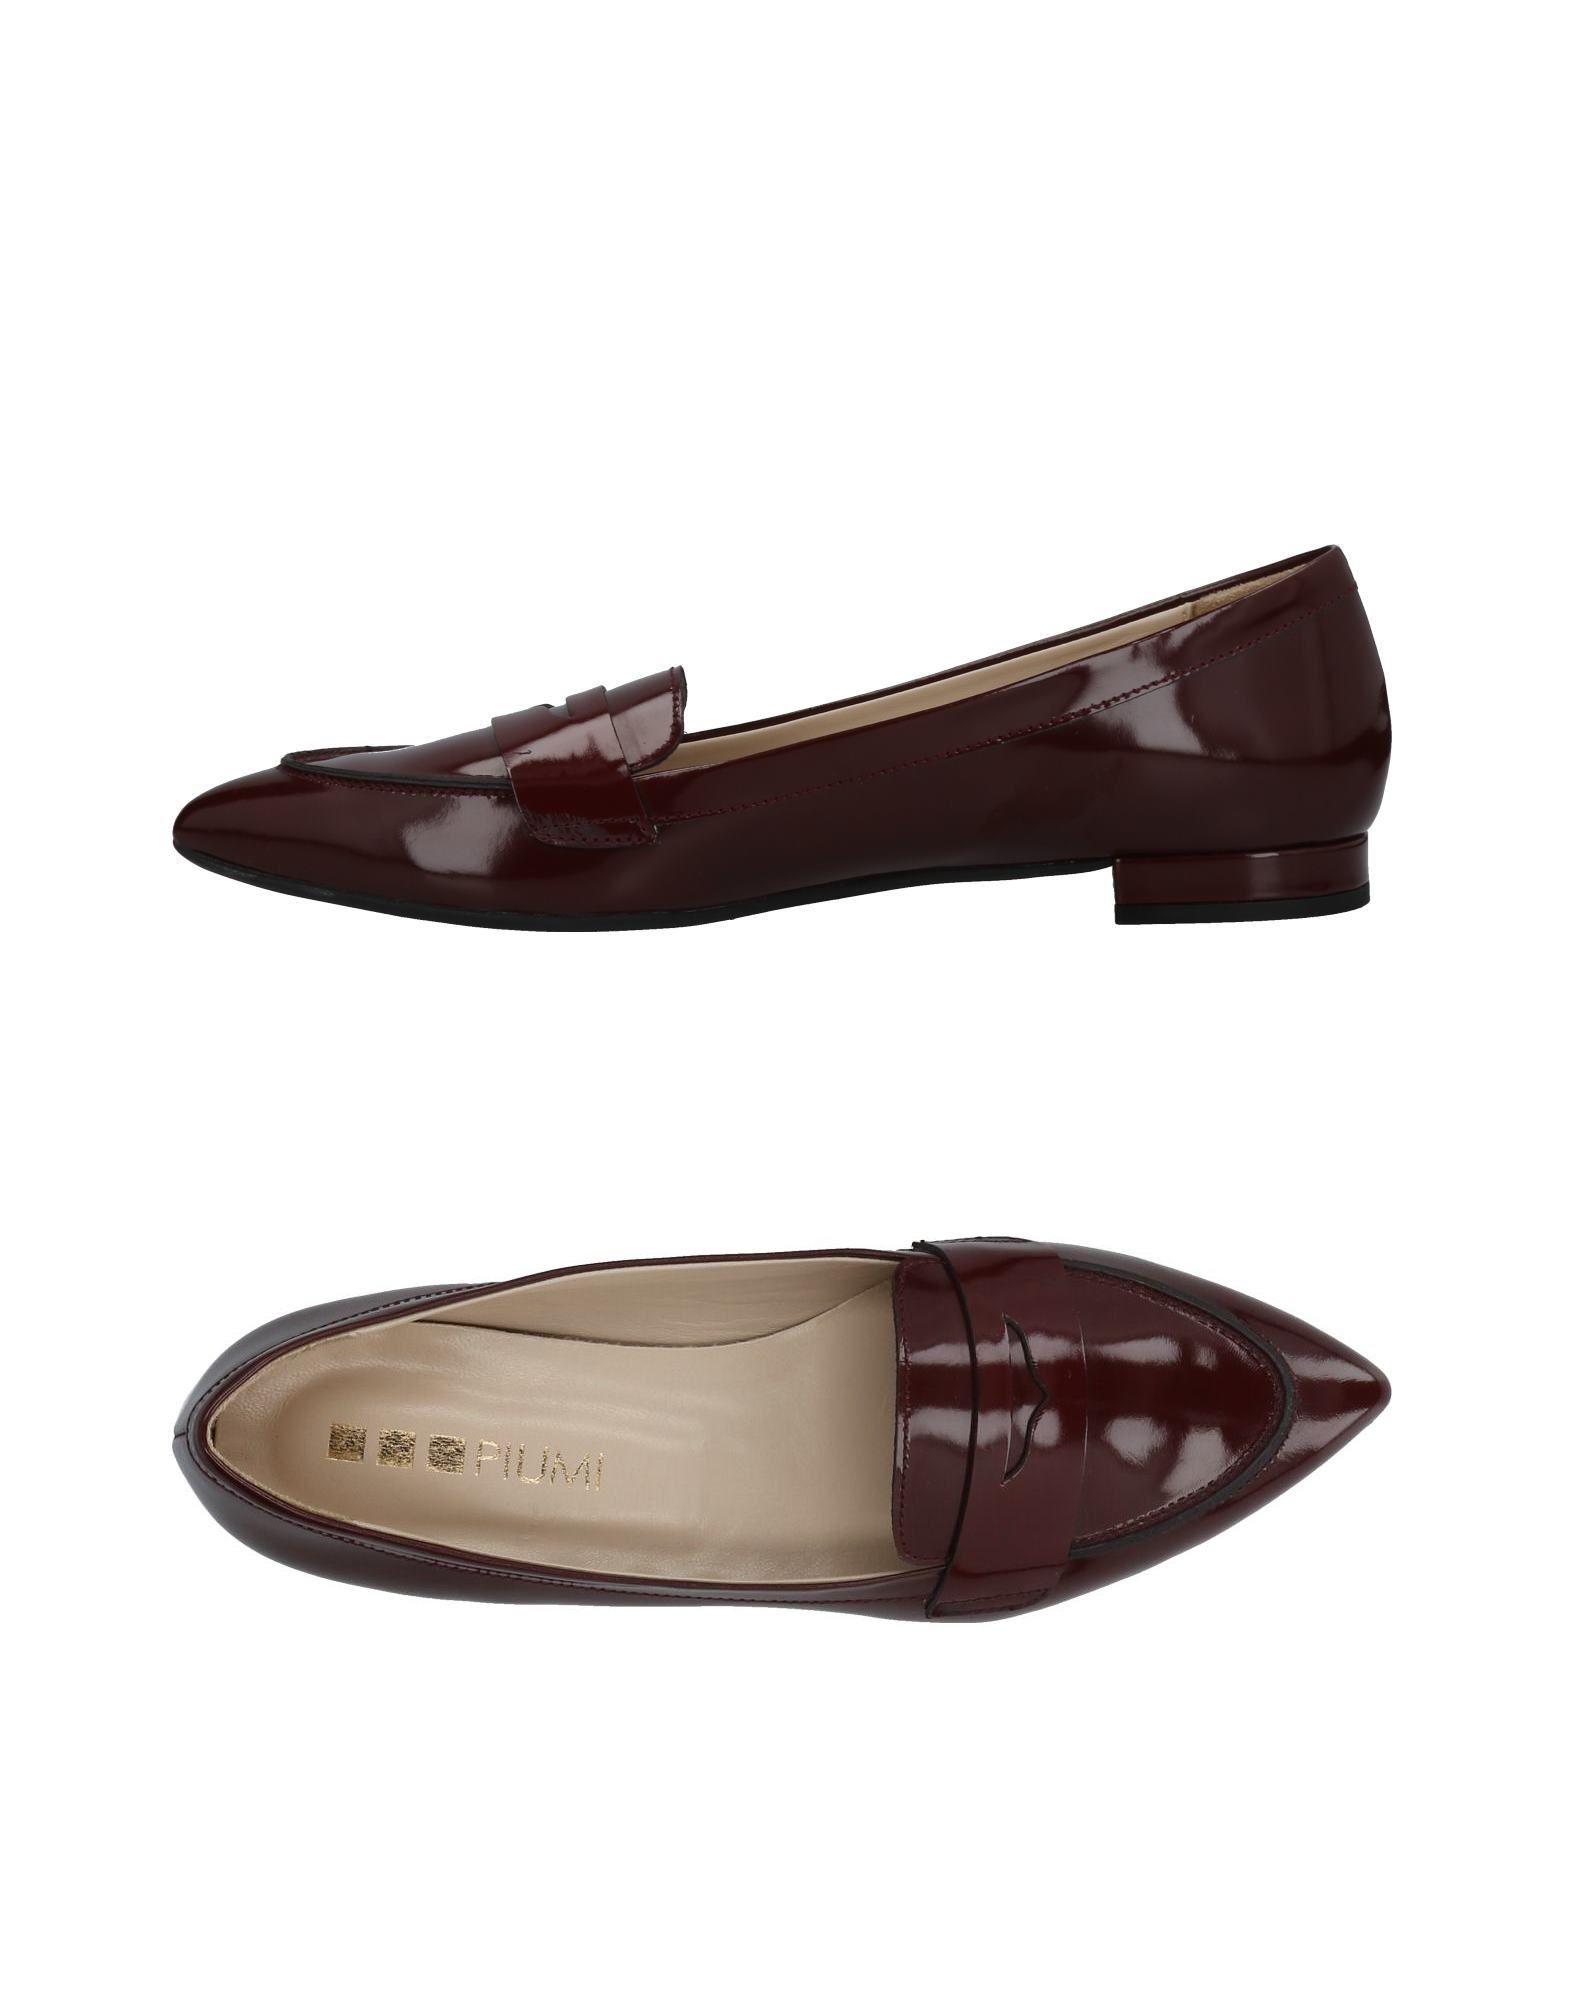 Piumi Mokassins Damen  11460393JX Gute Qualität beliebte Schuhe